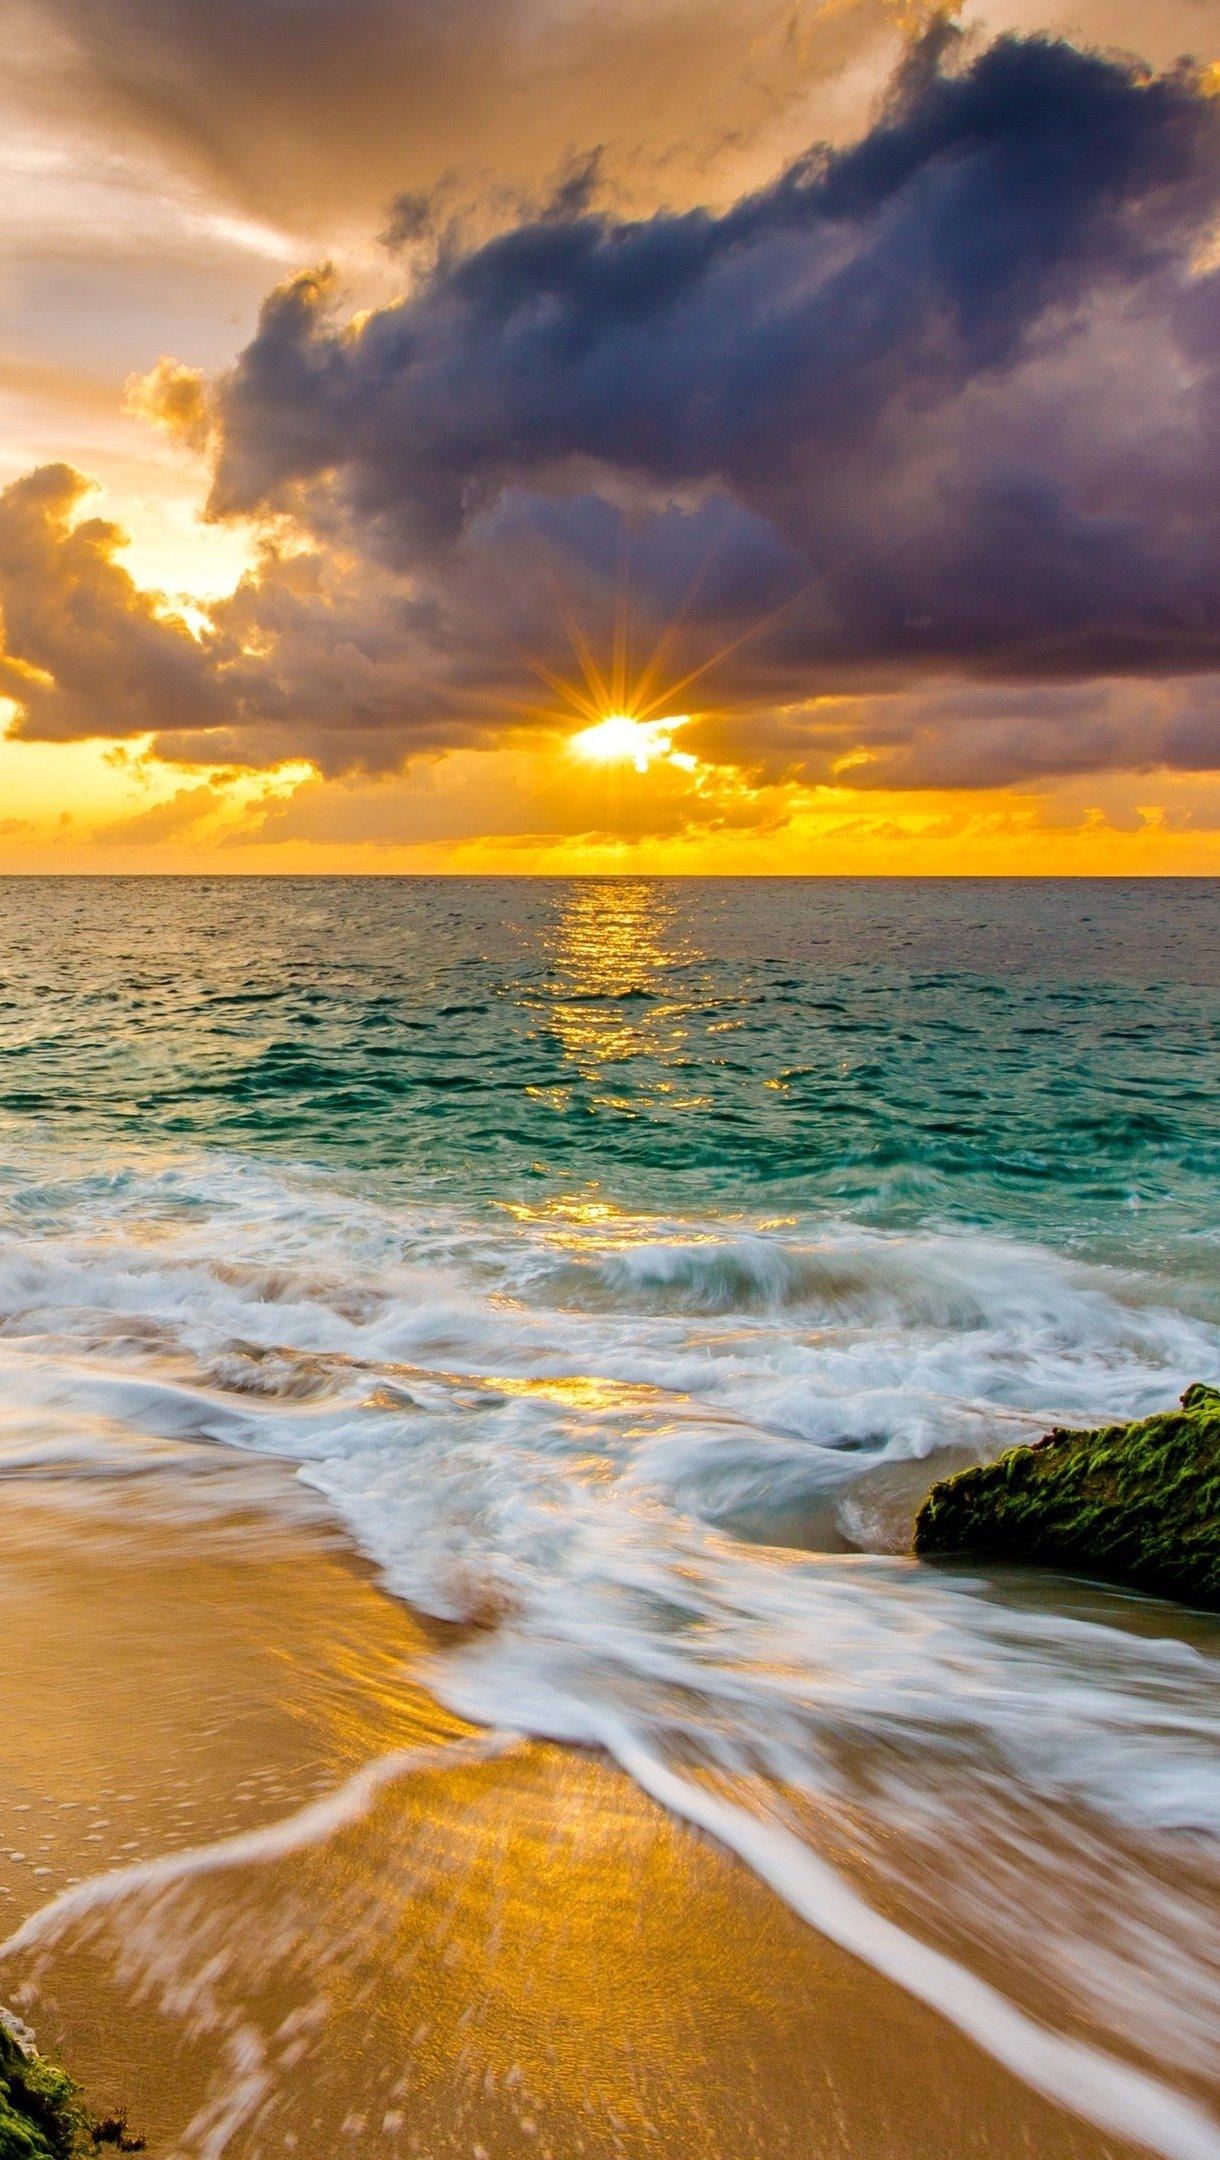 Fondos de pantalla Playa al atardecer en Hawaii Vertical